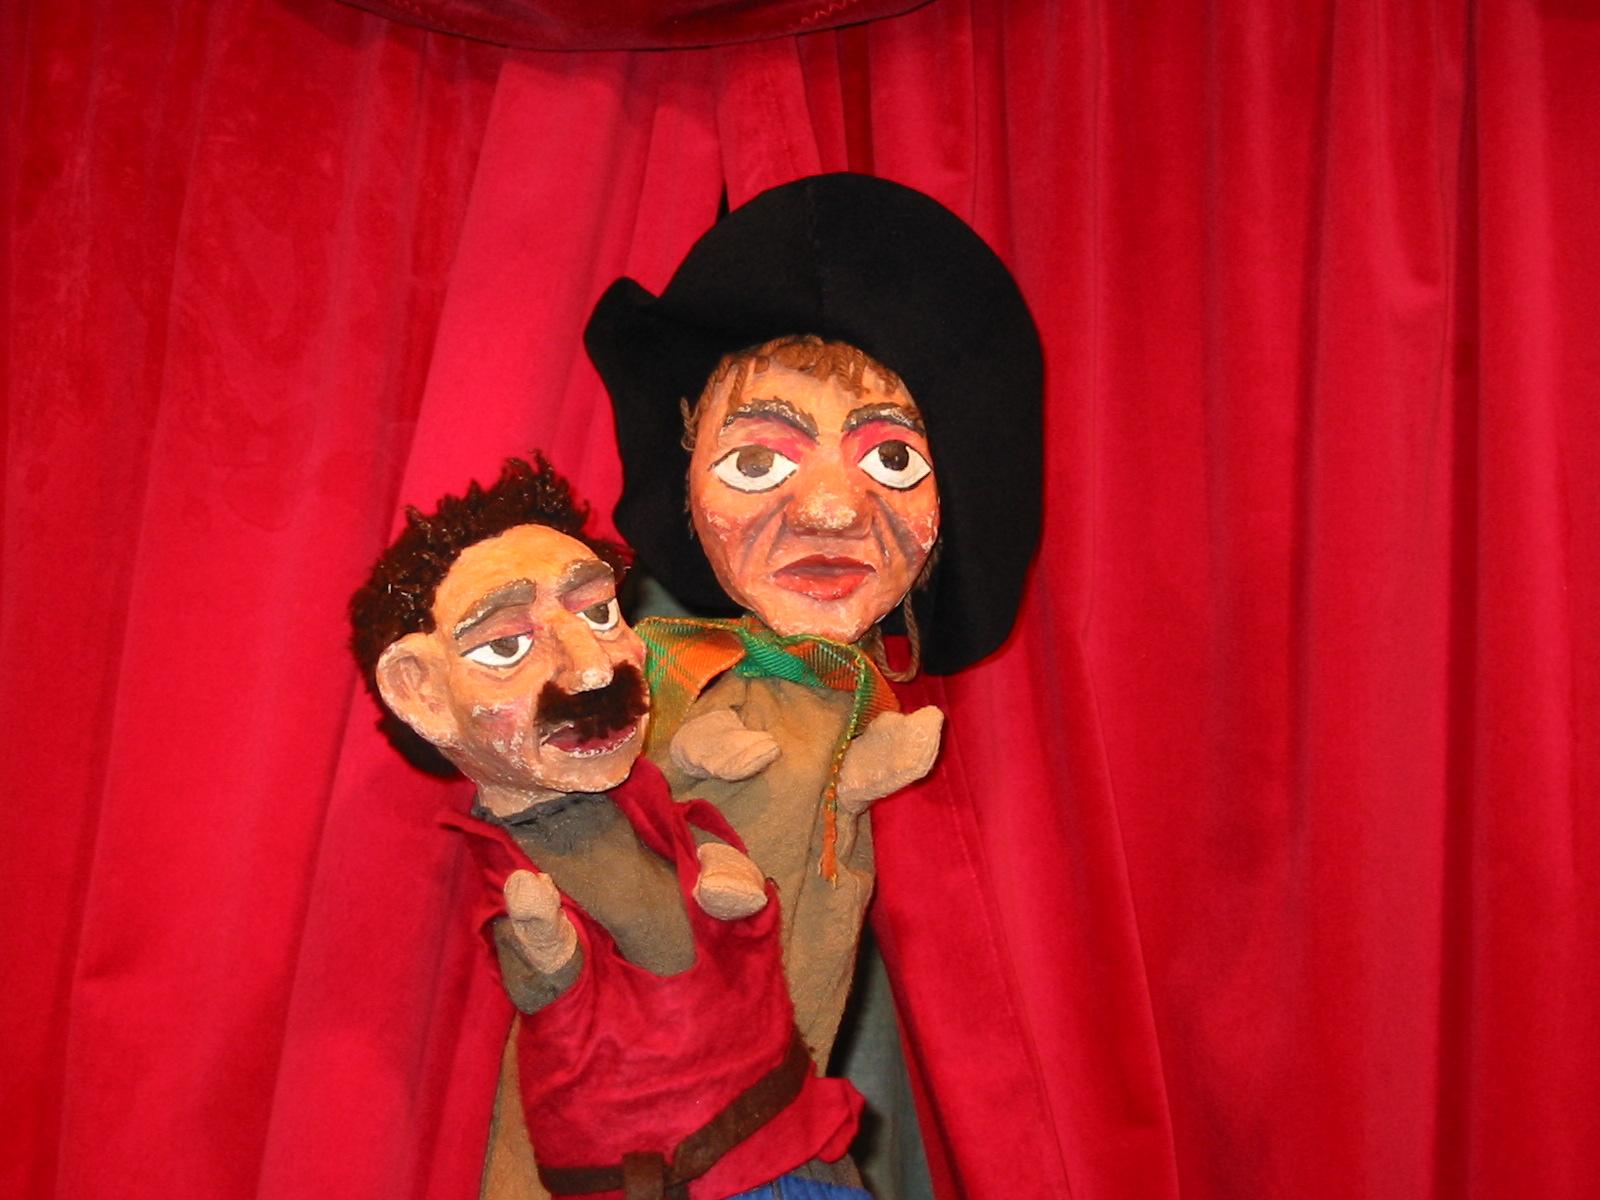 die Räuber vom Kasperwald - Kaspertheater, Kinder, Spass, Unterhaltung, Comedy